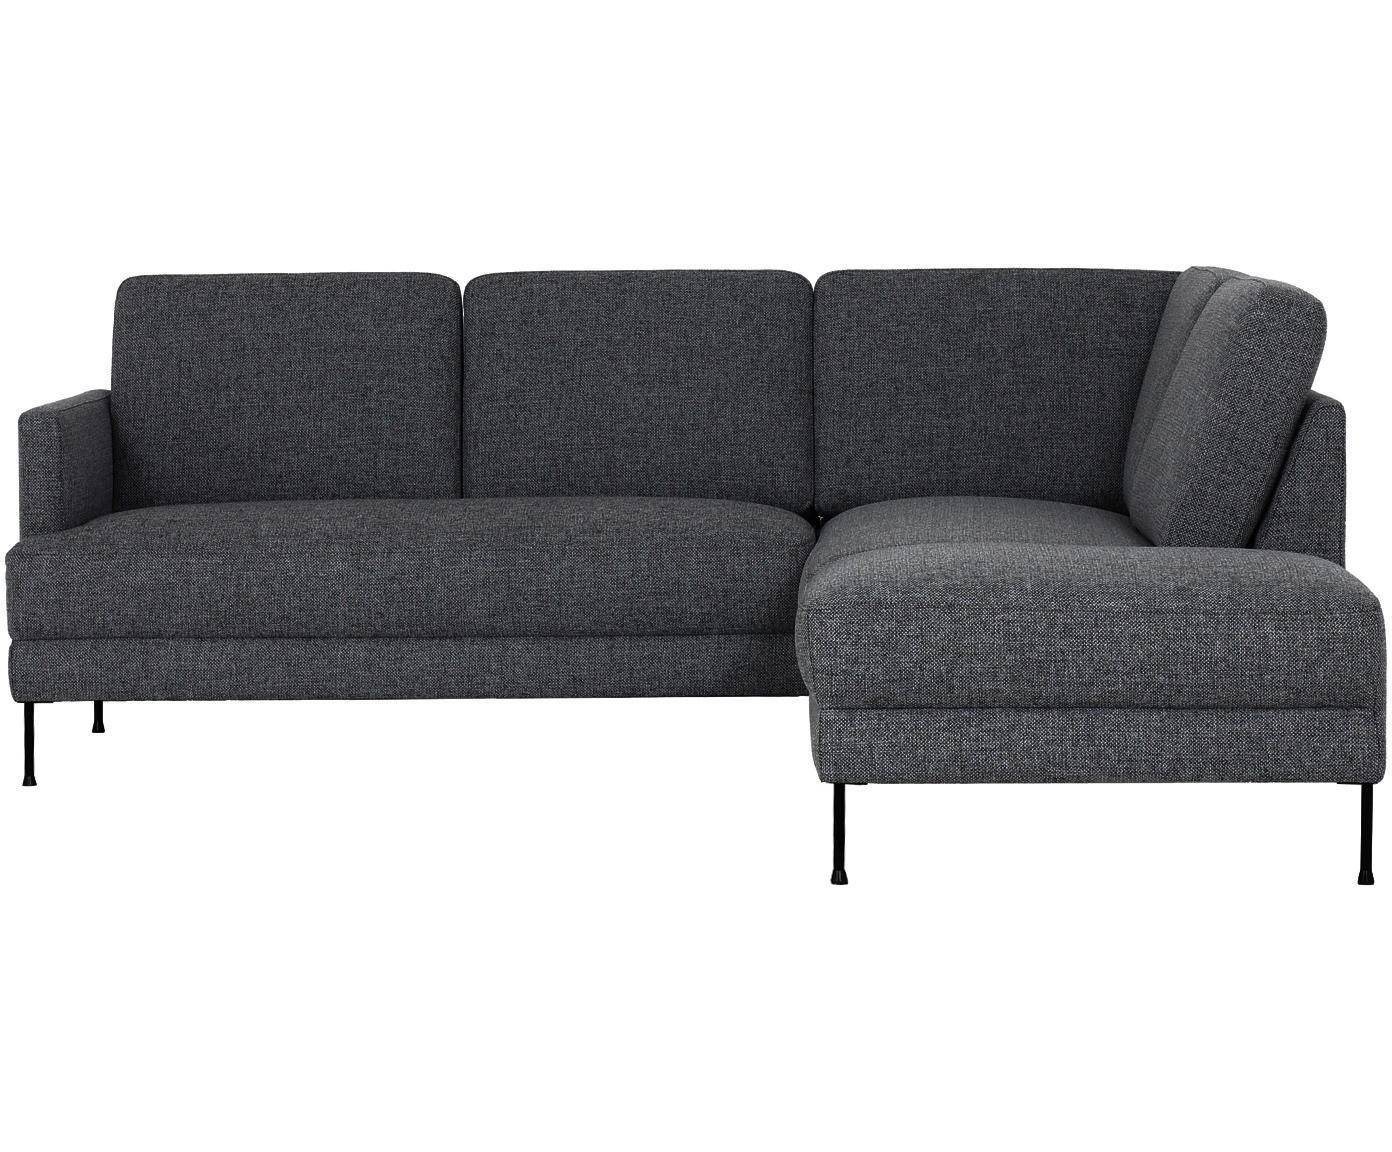 Ecksofa Fluente, Bezug: Polyester 45.000 Scheuert, Gestell: Holz, Webstoff Dunkelgrau, B 221 x T 200 cm